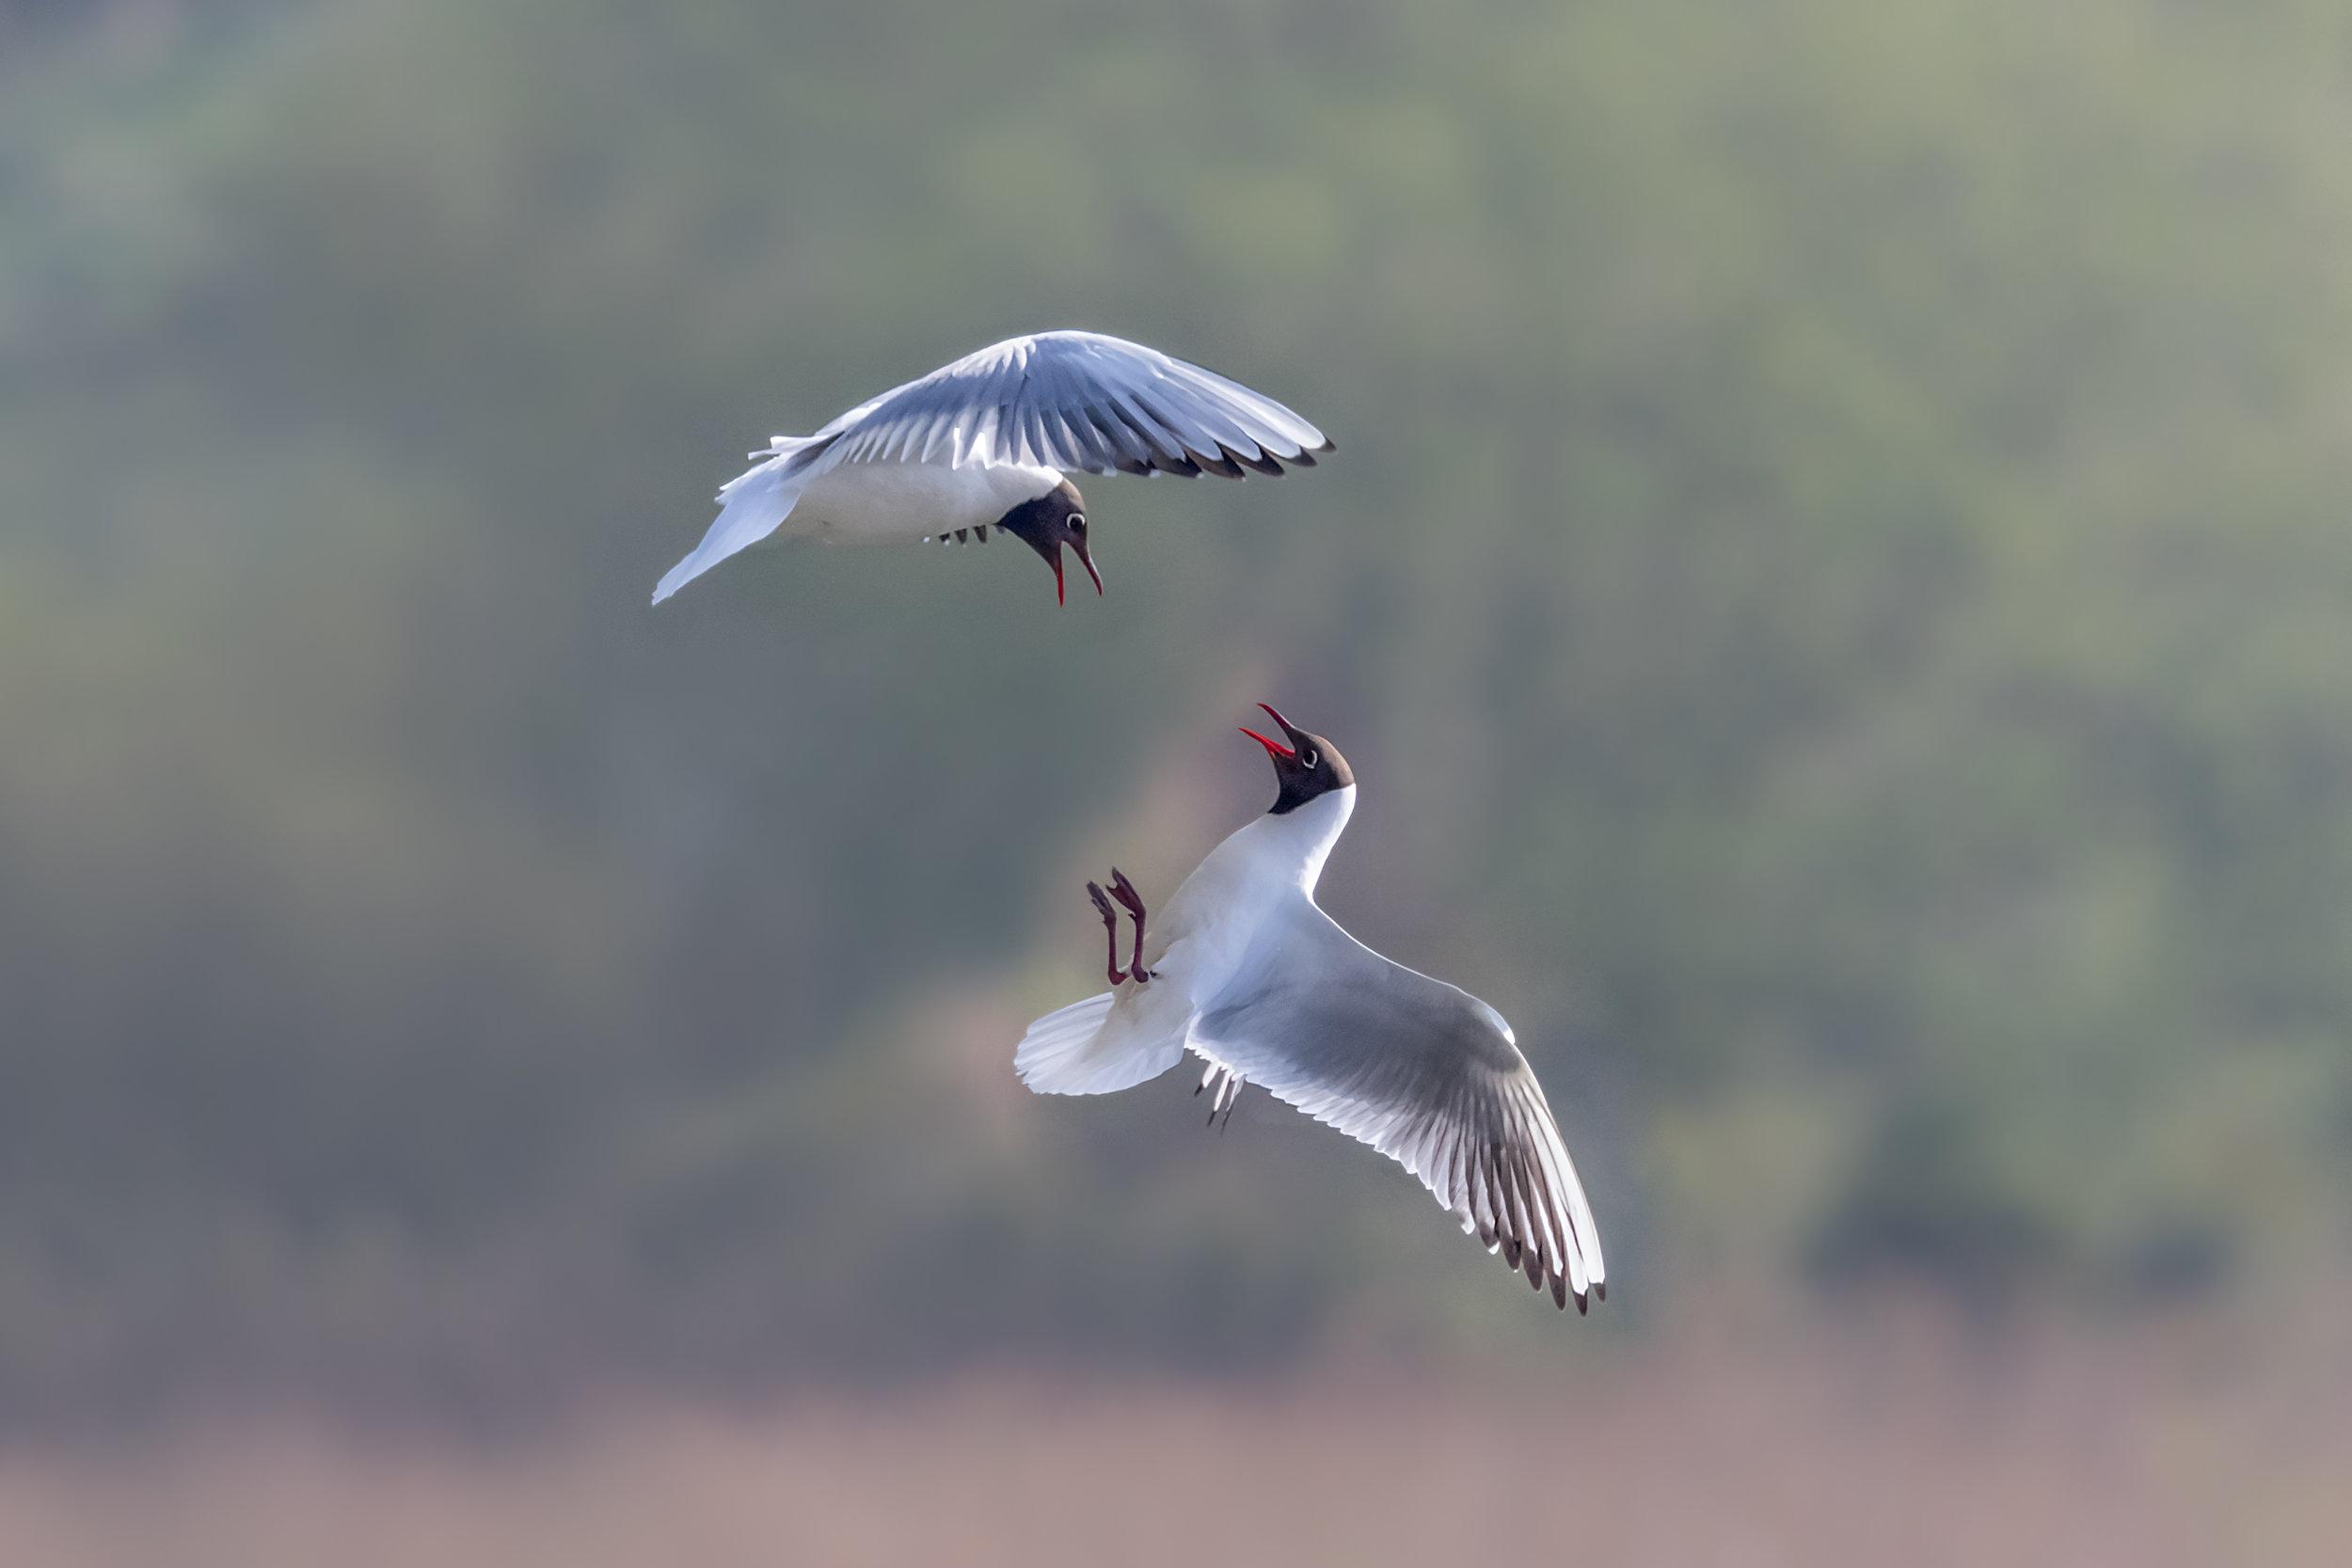 Squabbling in mid flight